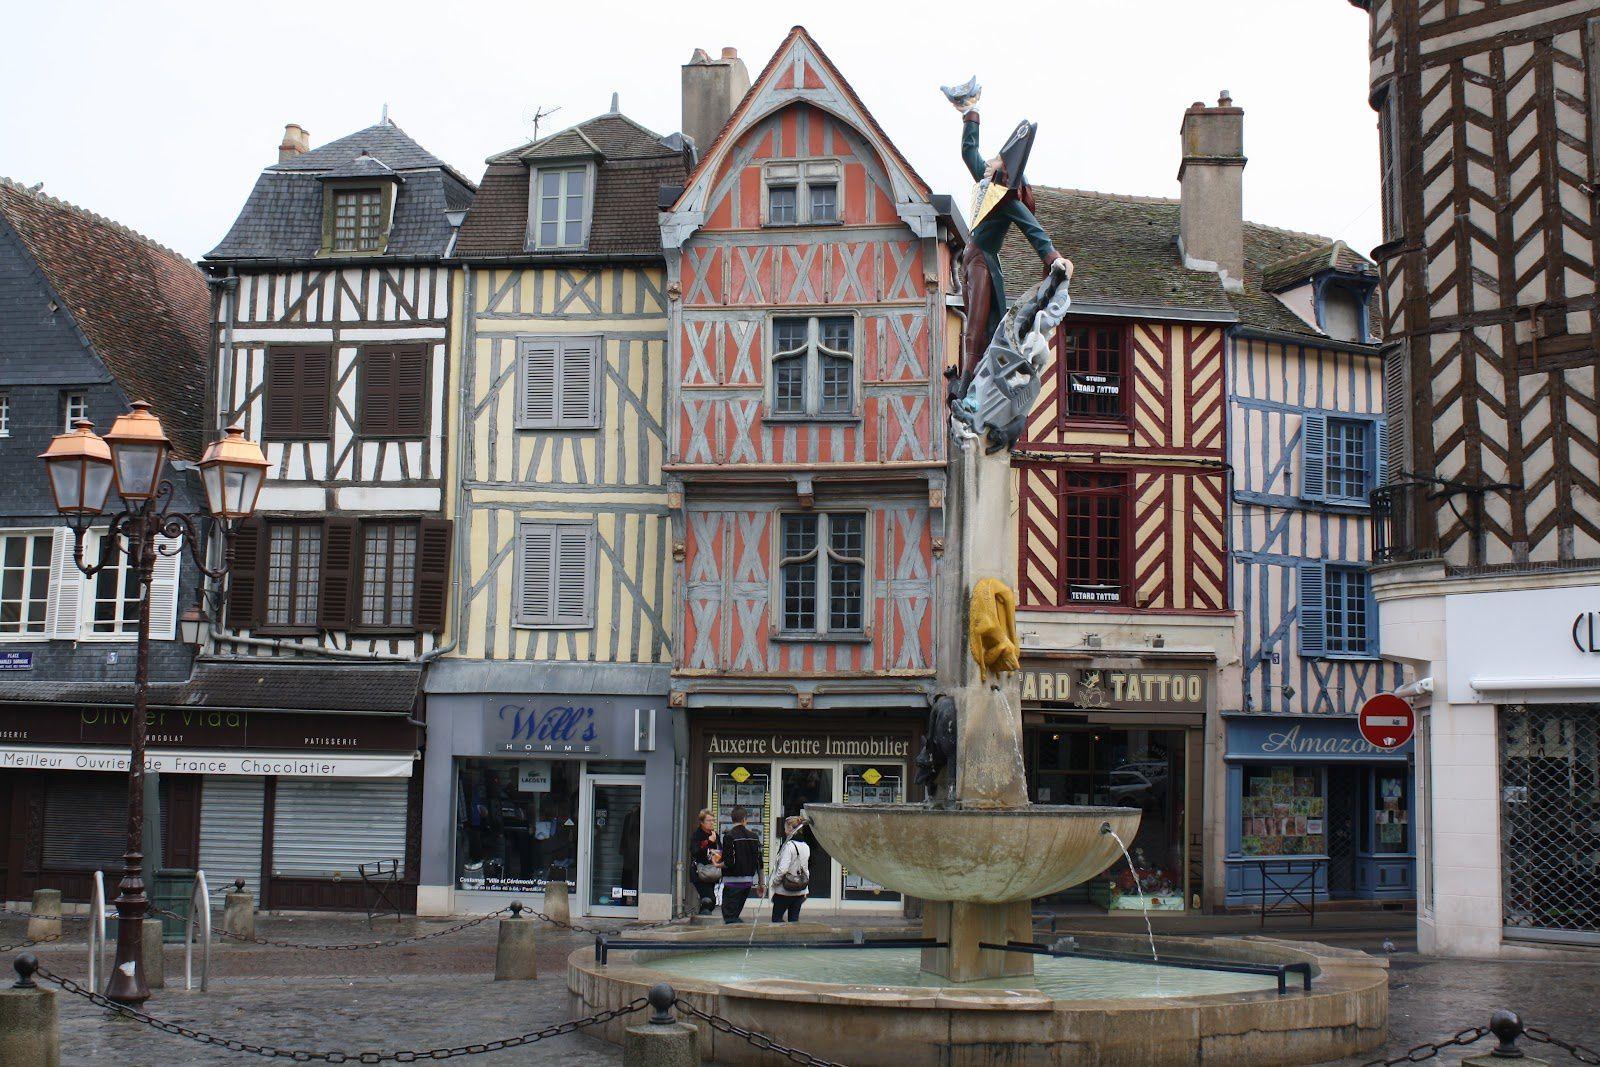 MARCHE ANTI-RACISME le samedi 30 Novembre 2013 - le rendez-vous est donné à 14h30, place Cadet Roussel à Auxerre et place de la République à Paris: Ce qu'il faut savoir... Réflexions..... Le film &quot&#x3B;LA MARCHE&quot&#x3B;